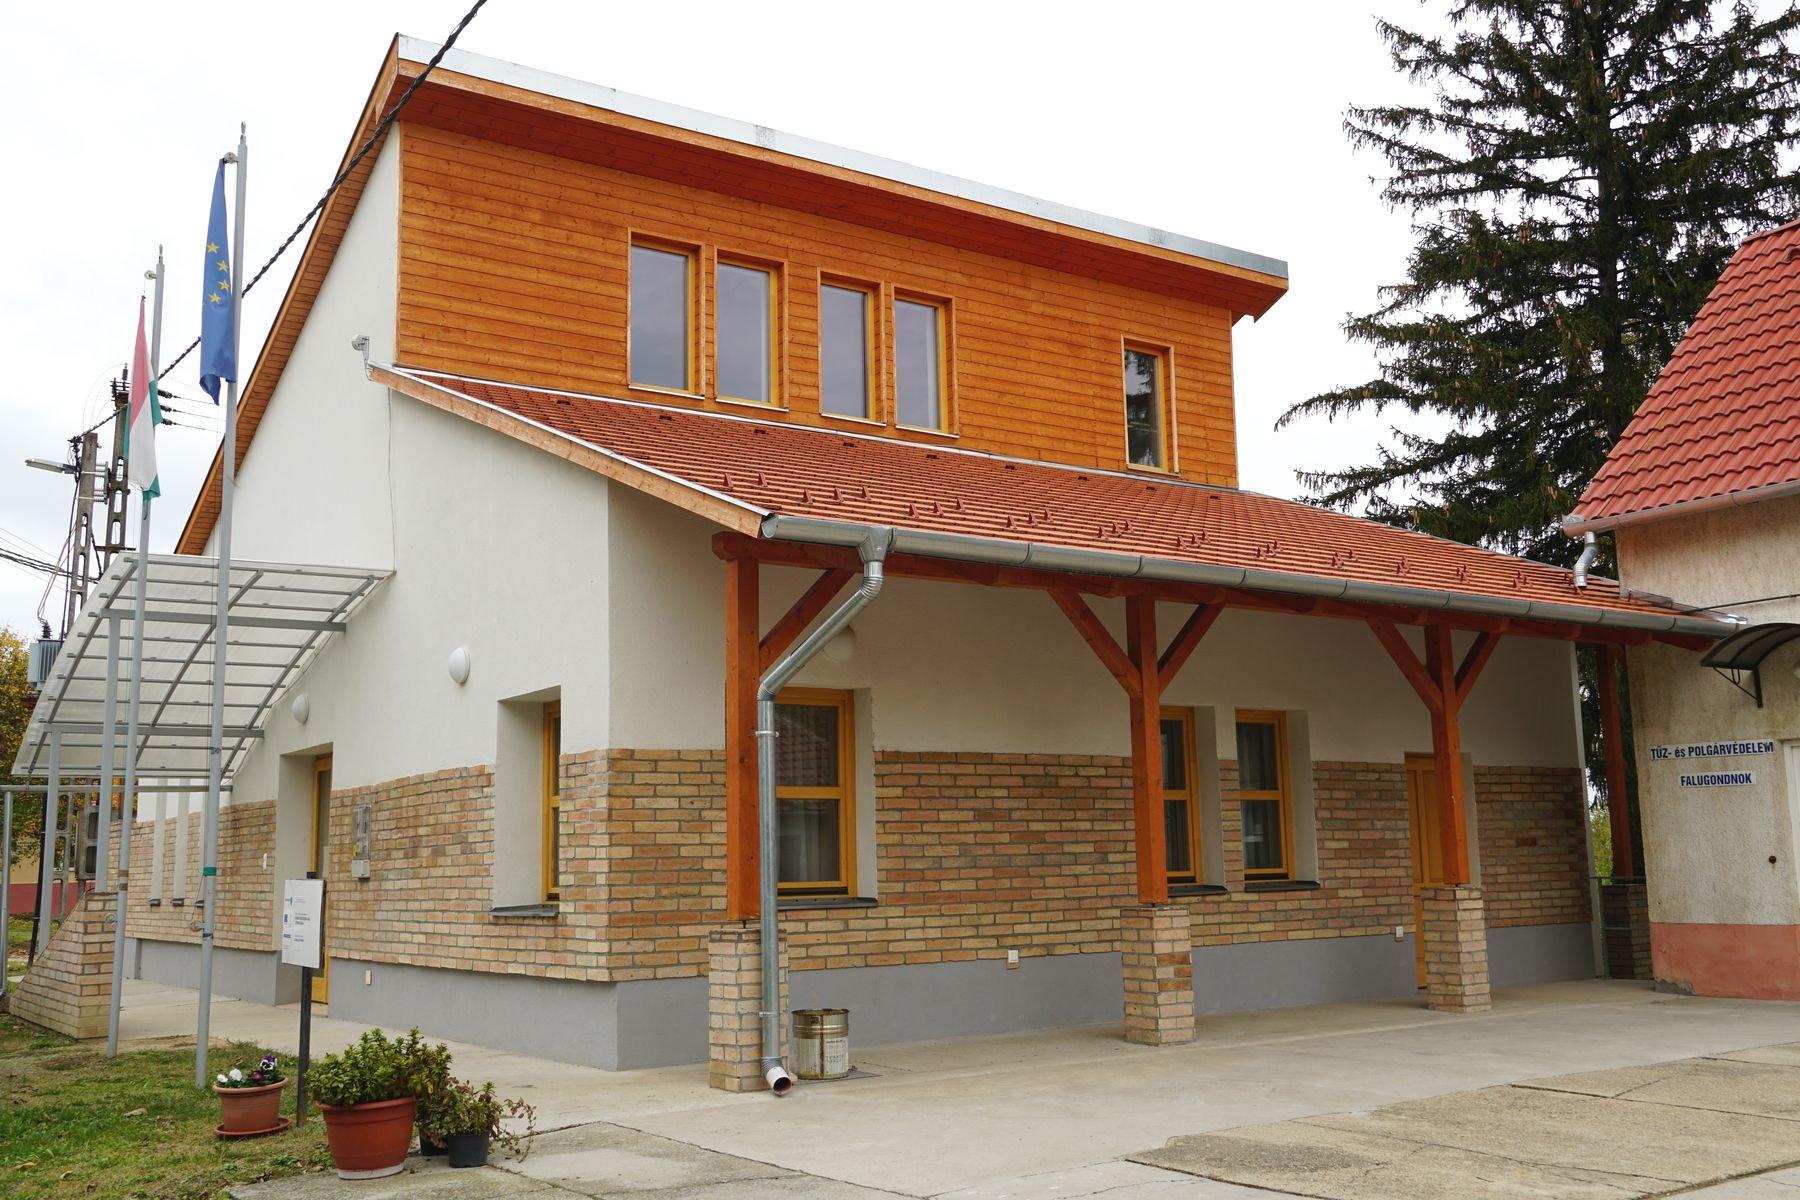 Büssü, Közösségi ház - Fotó: Witzmann Mihály